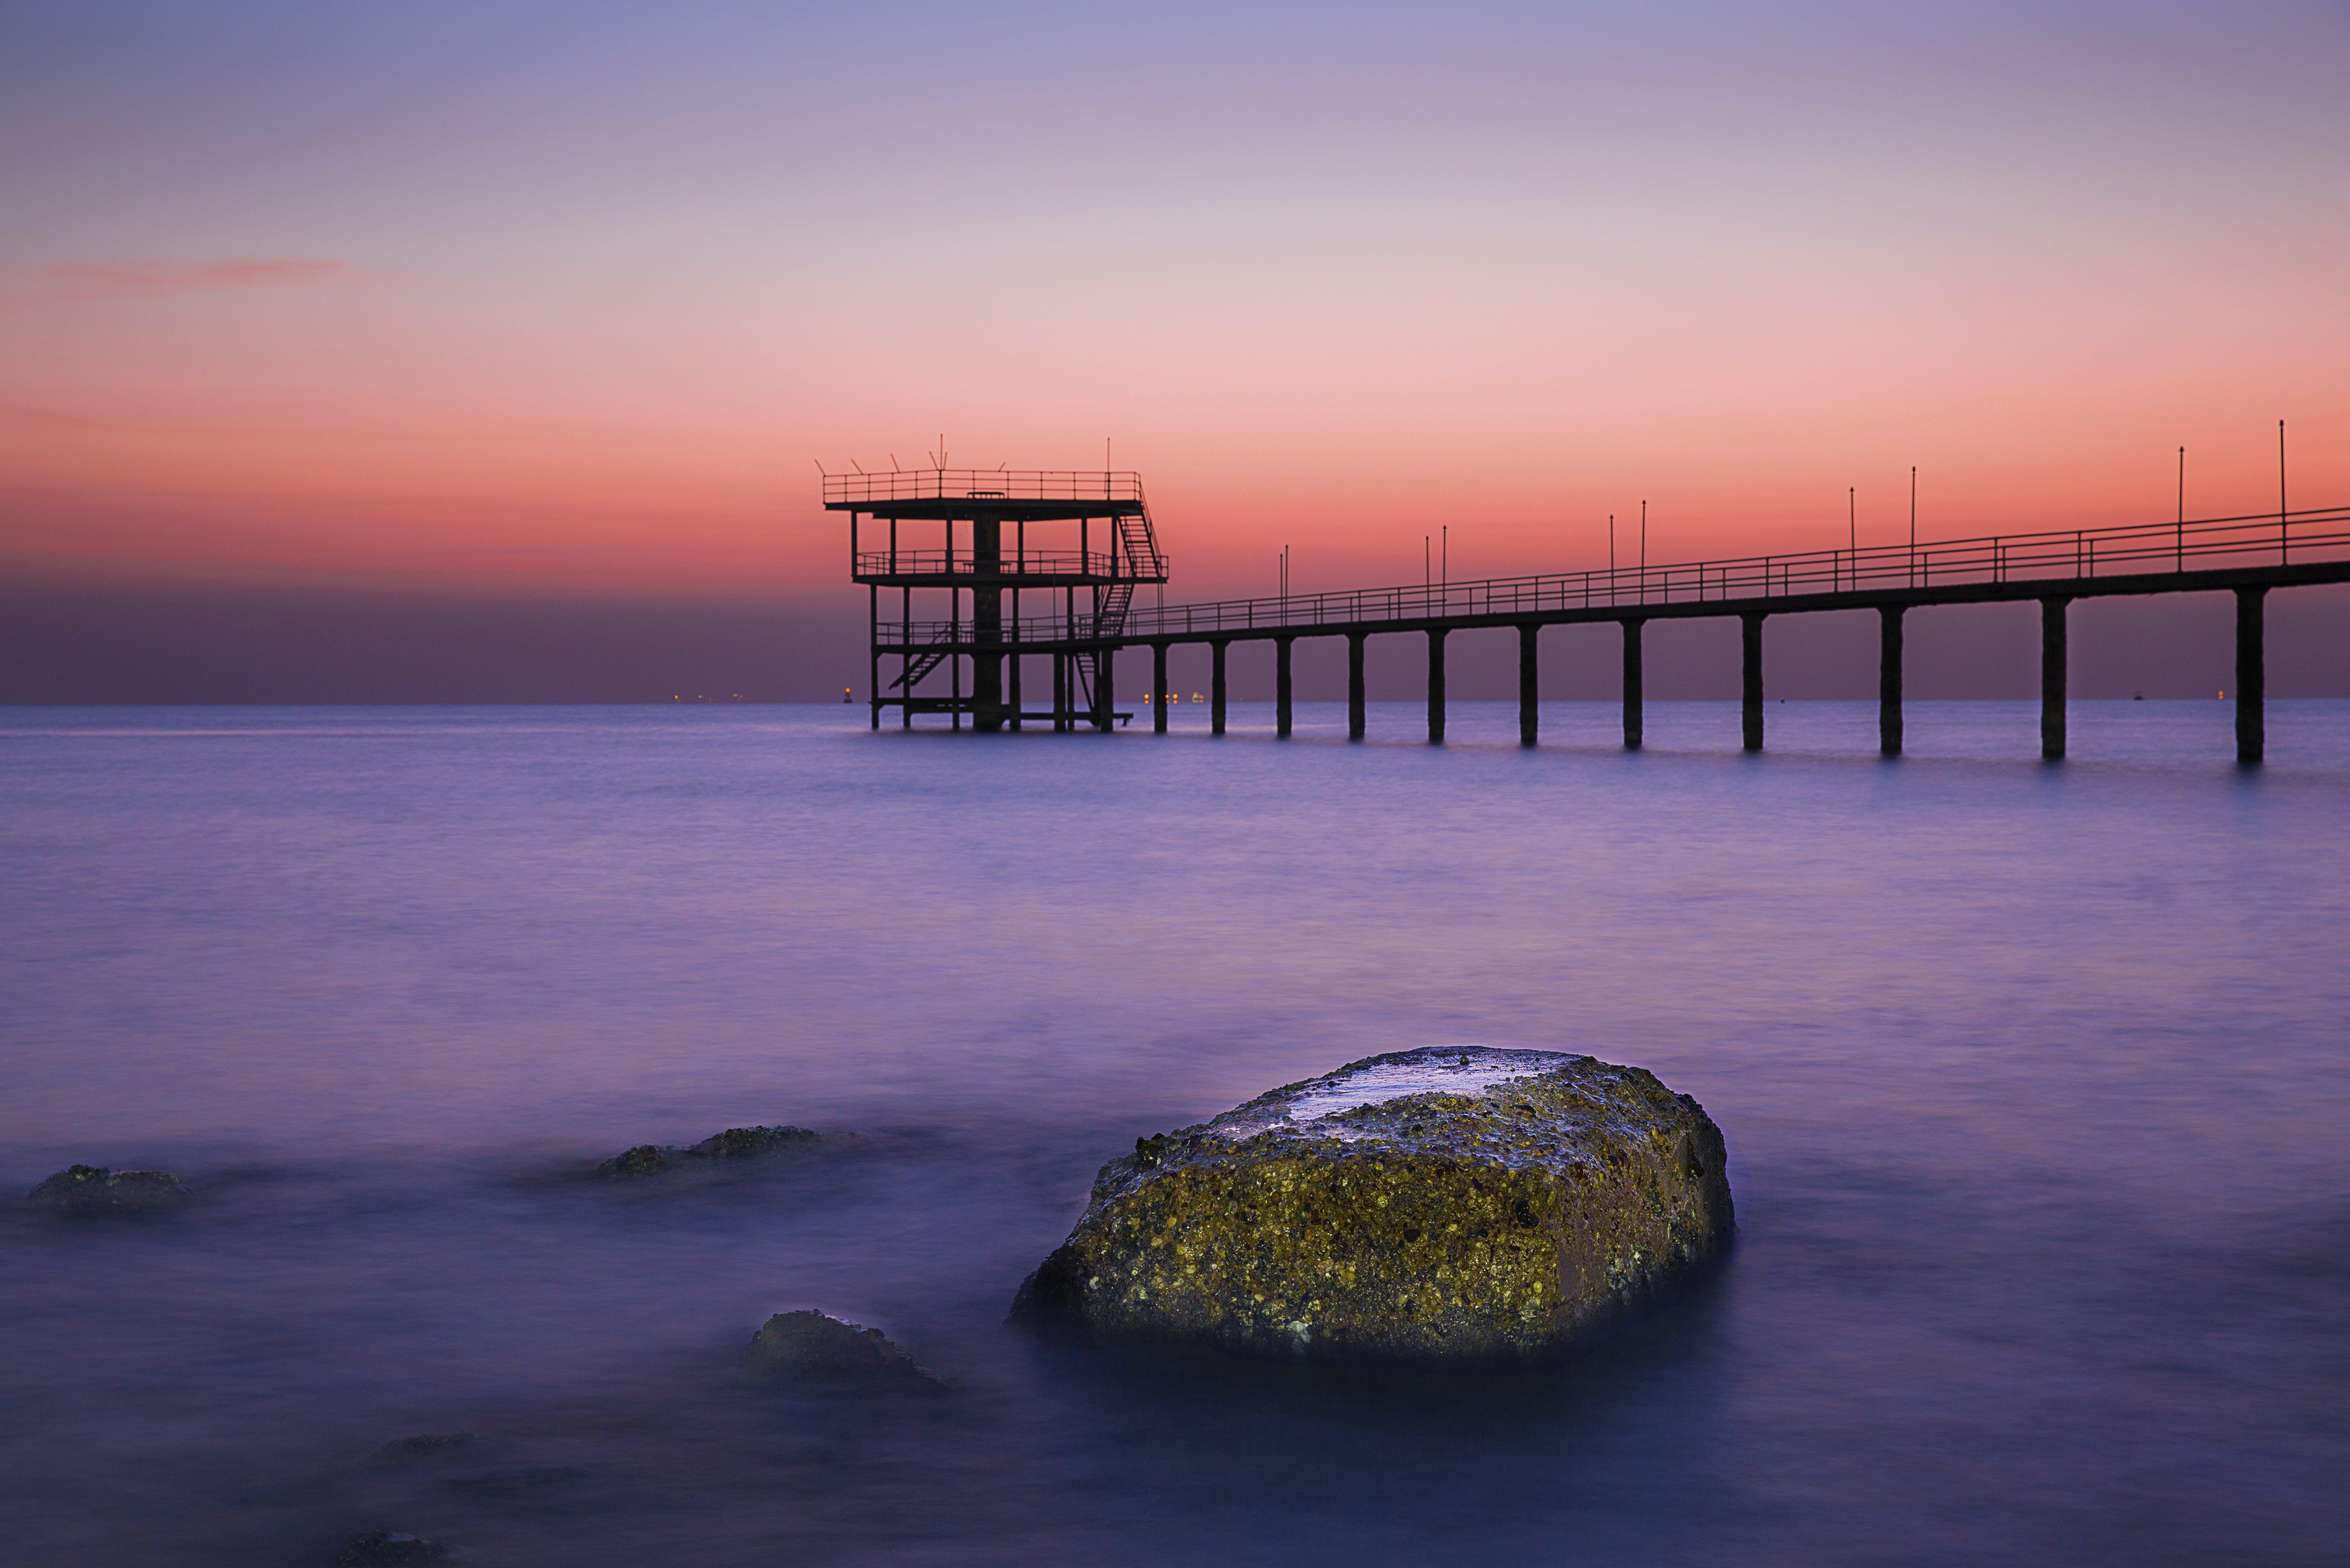 卵石, 反射, 地平線, 天空 的 免費圖庫相片